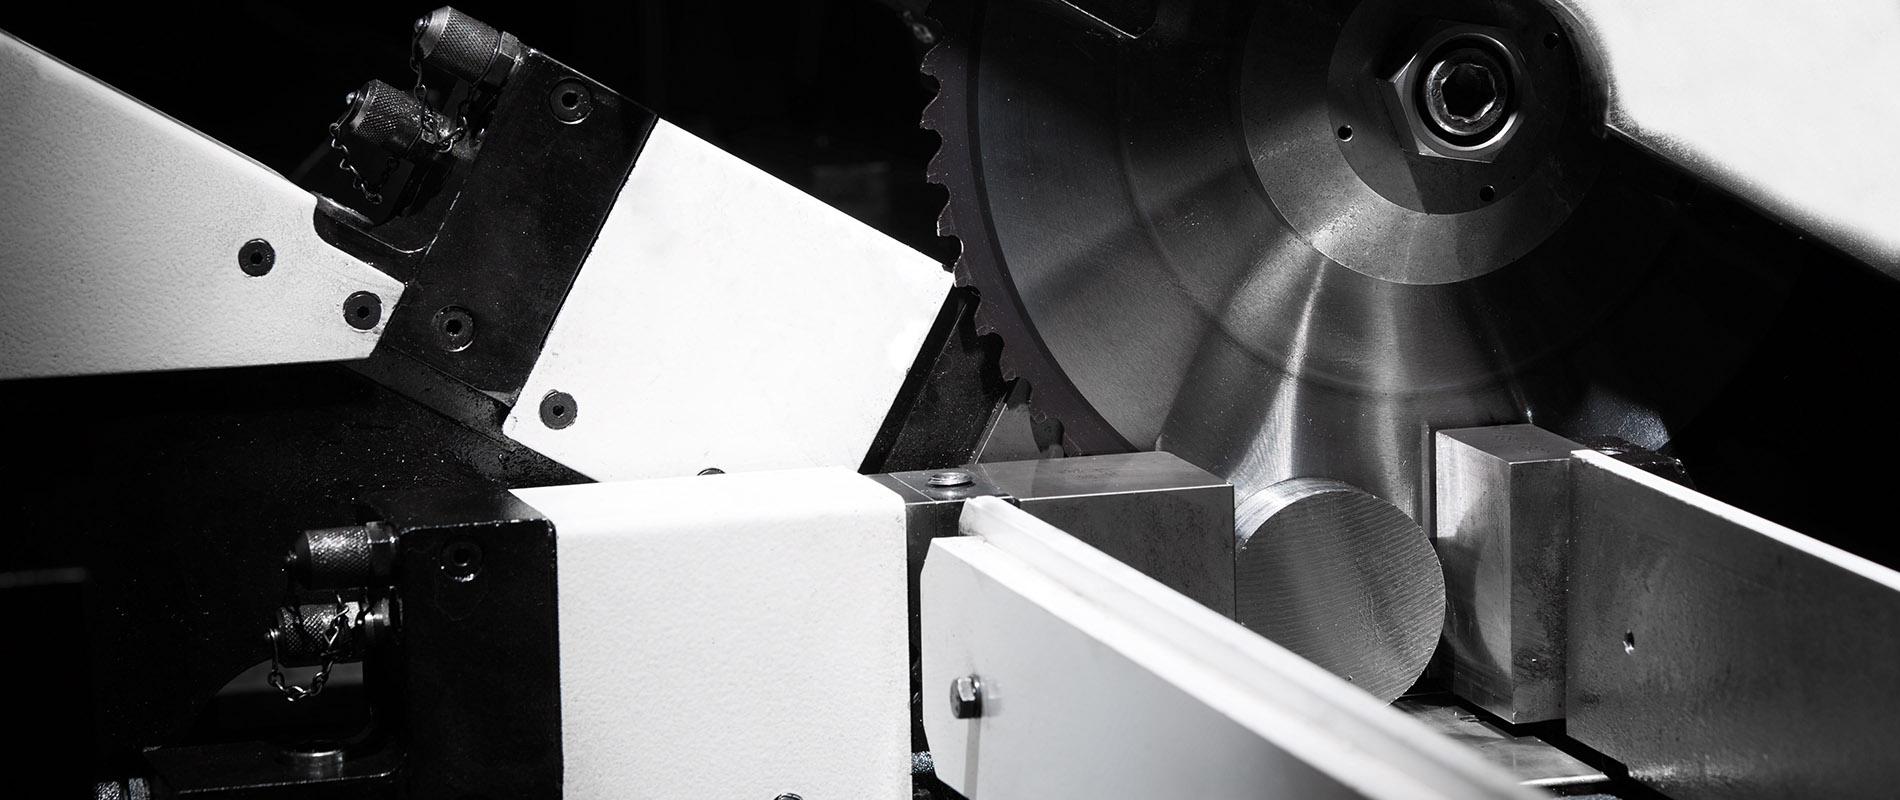 Moosburner Sägebetrieb Rohr zuschnitte